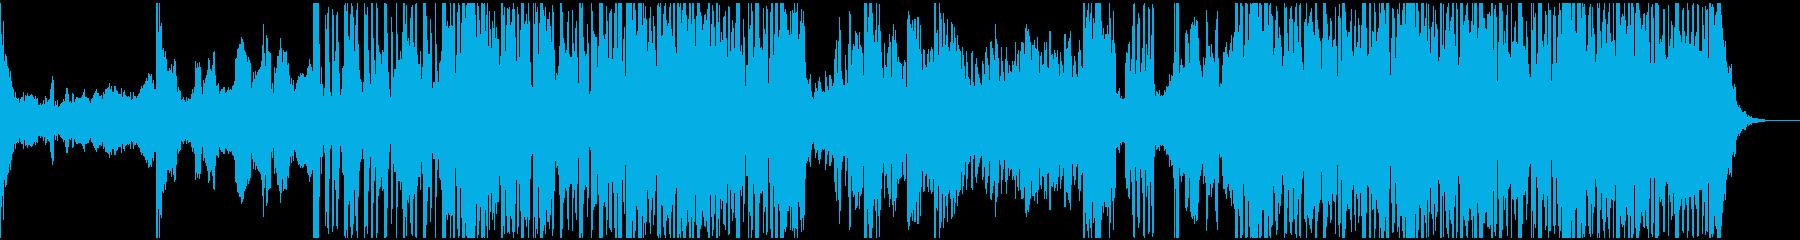 実験電子機器で技術のある曲の再生済みの波形